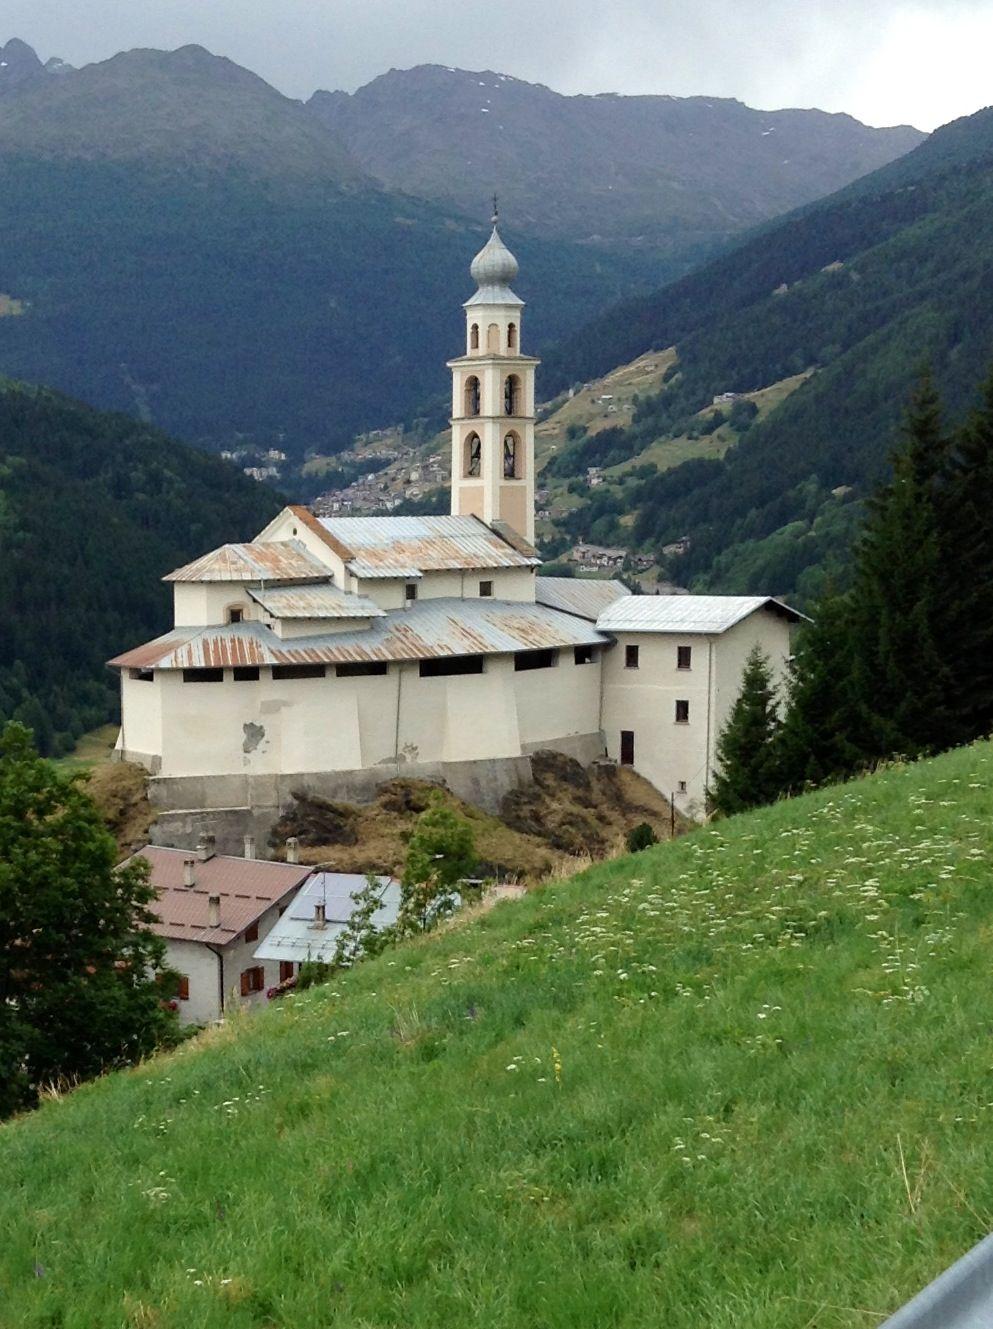 San Martino Pedenosso Val di dentro Sondrio It Lombardy